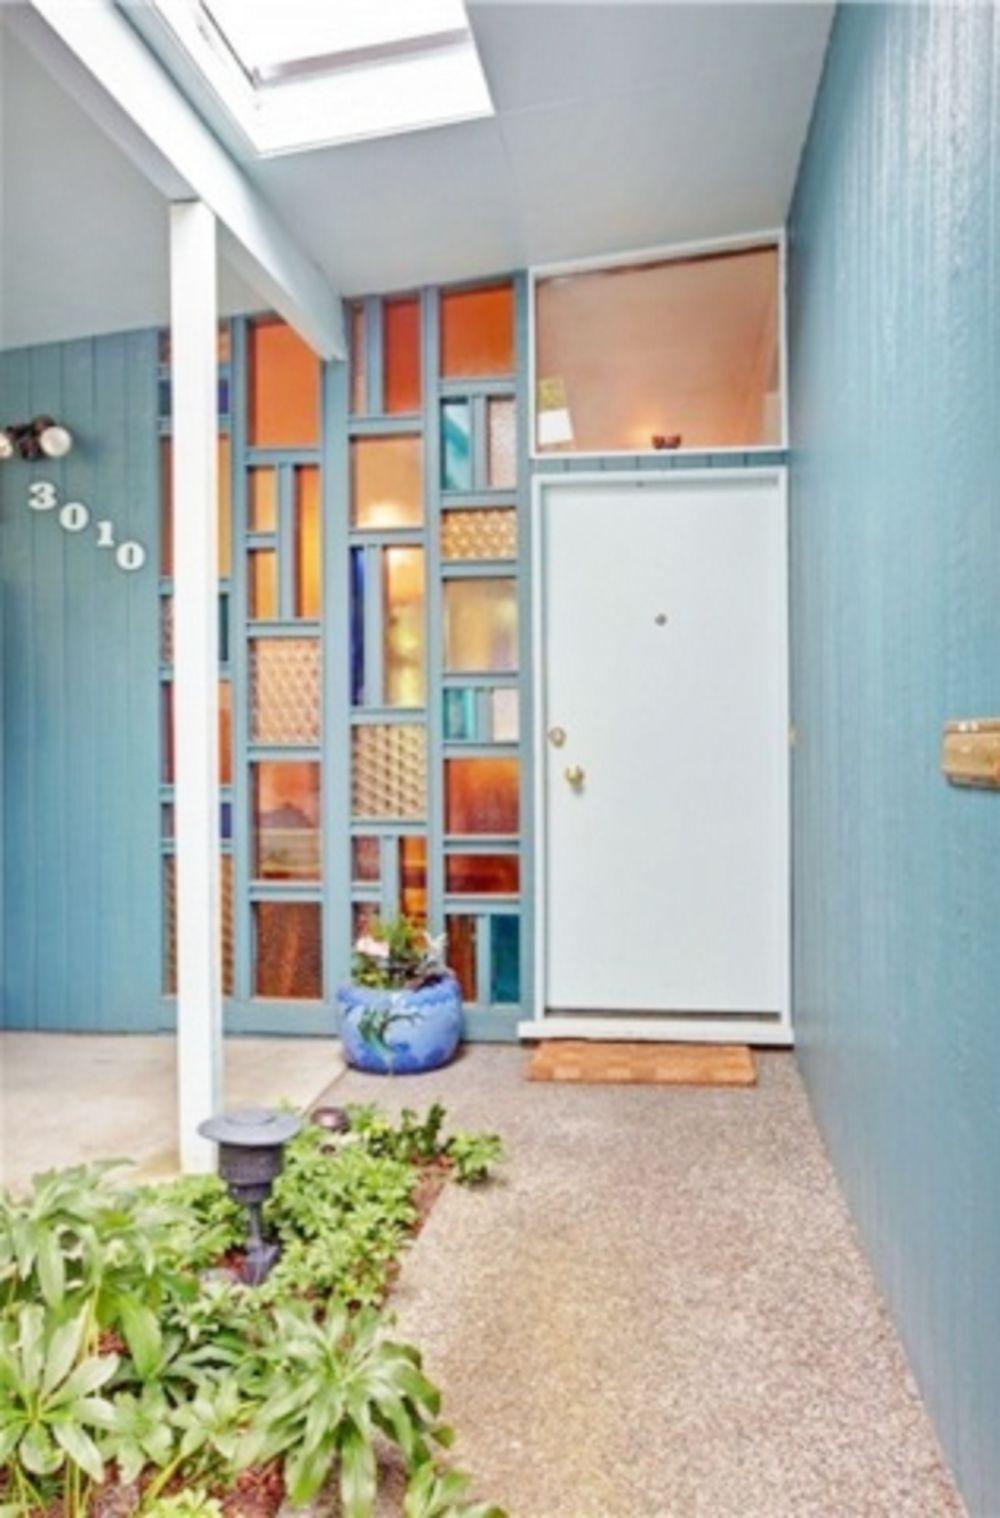 46 wonderful mid century home decor ideas mid century mid 46 wonderful mid century home decor ideas